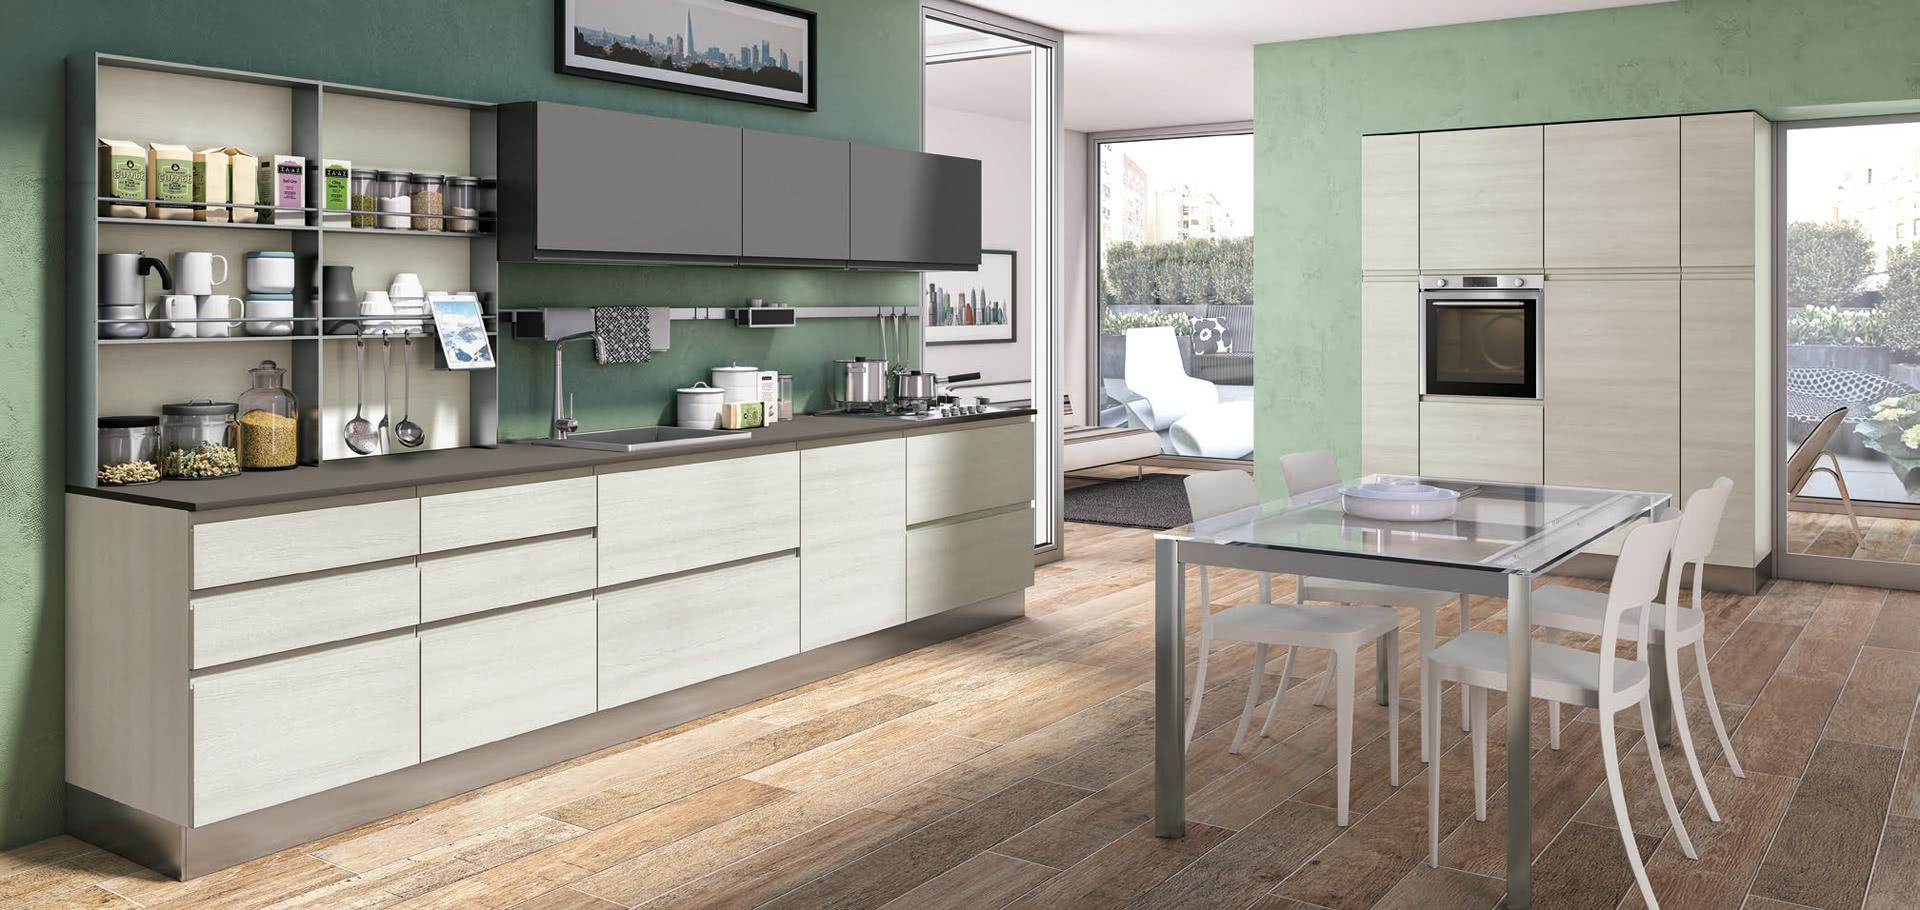 1525_jey-cucina-ambientata-7